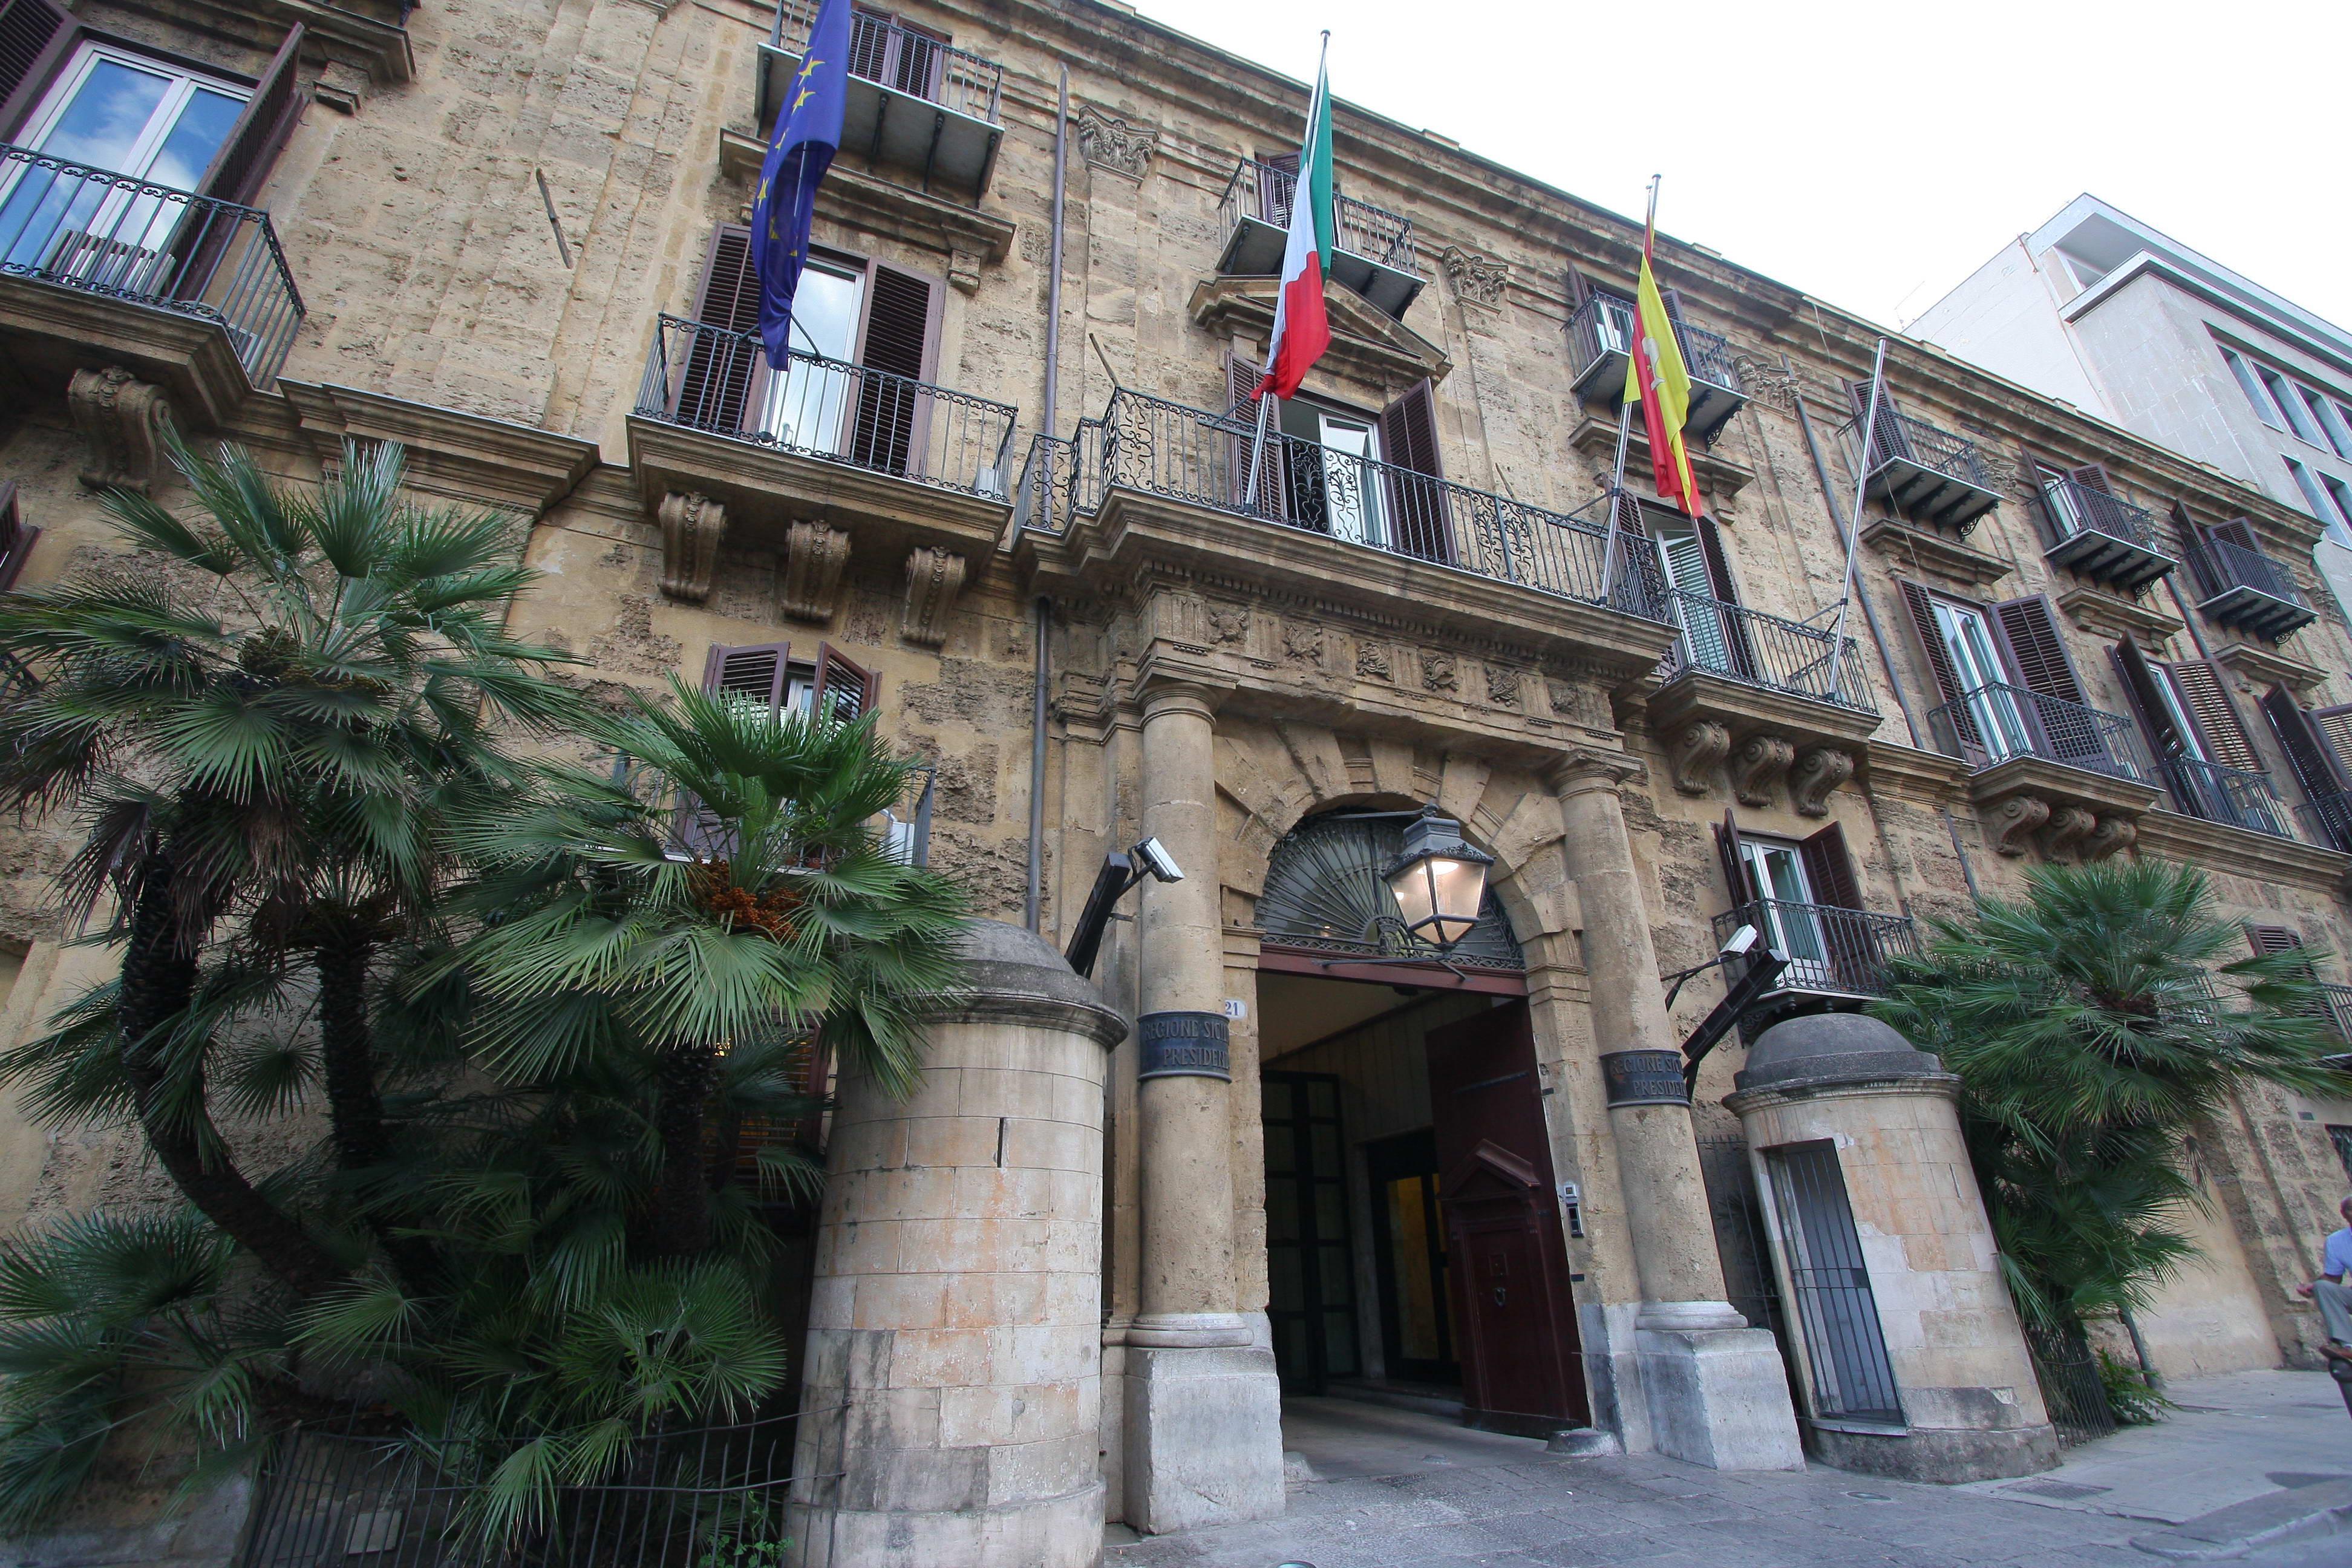 La Regione siciliana non può 'spalmare' i debiti in dieci anni: ma non l'abbiamo scritto otto mesi fa?